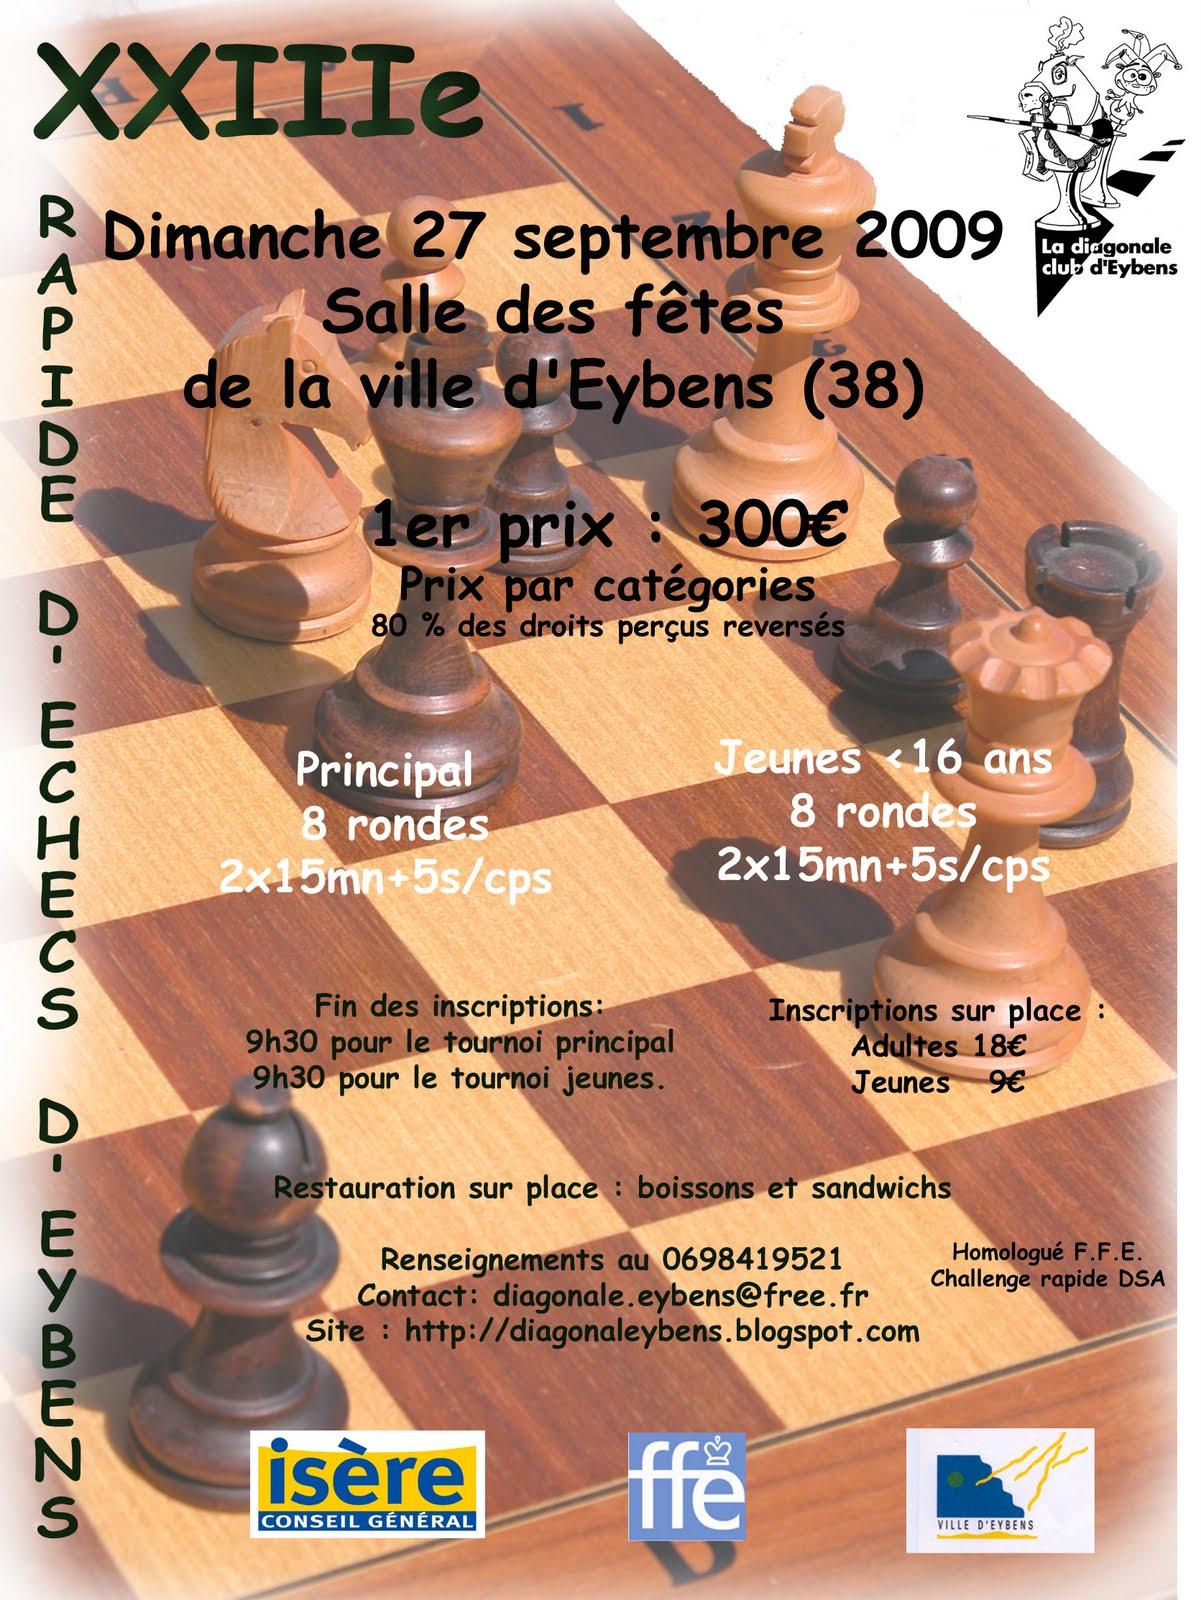 Voici l'affiche du tournoi. Aff2009.3.4